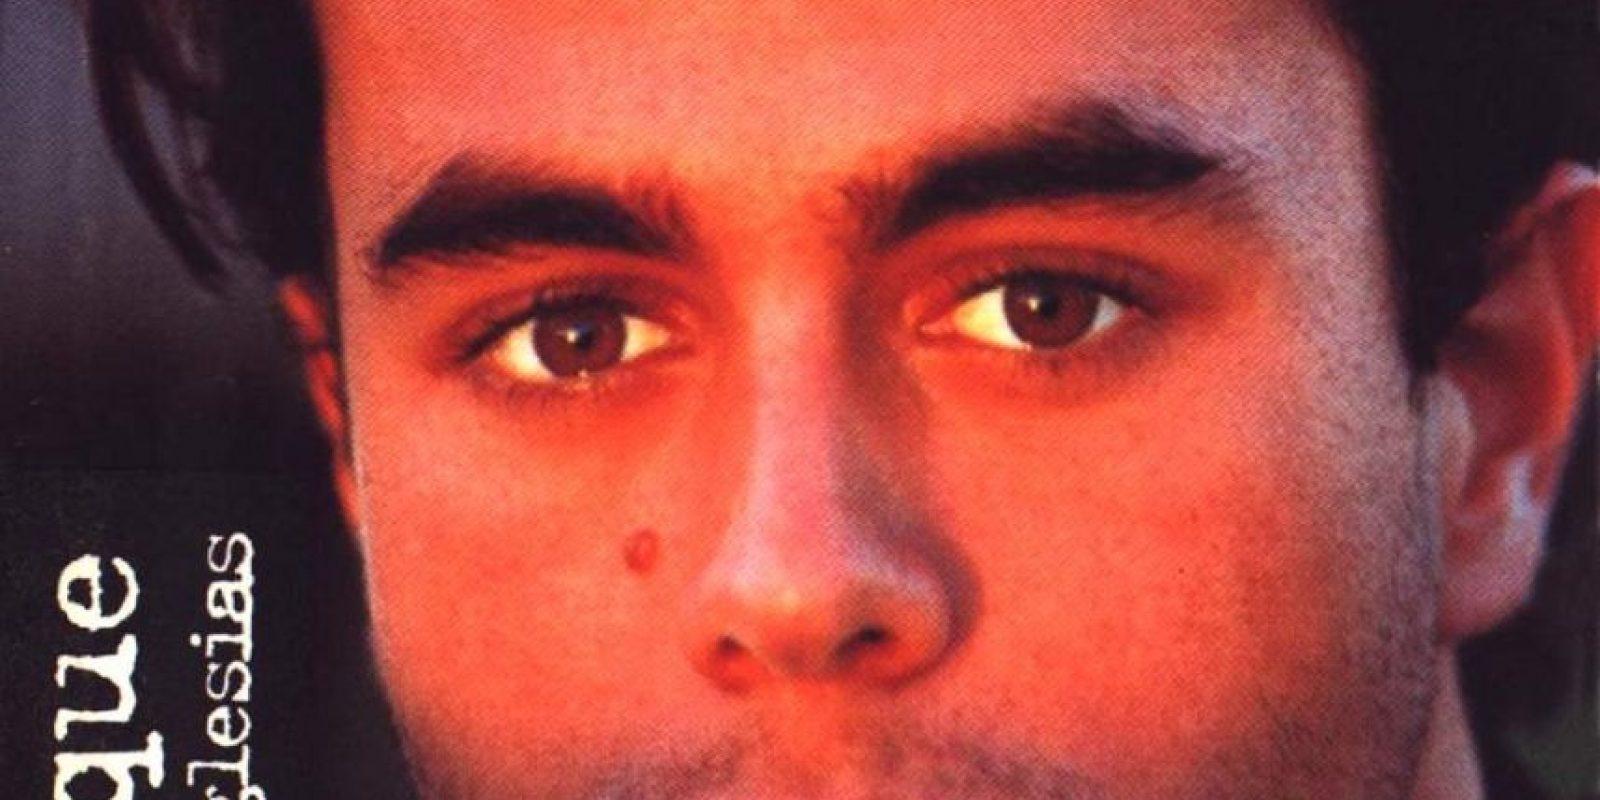 """Enrique Iglesias lanzó su primer álbum en 1995, llamado """"Enrique Iglesias"""" Foto:Coveralia"""